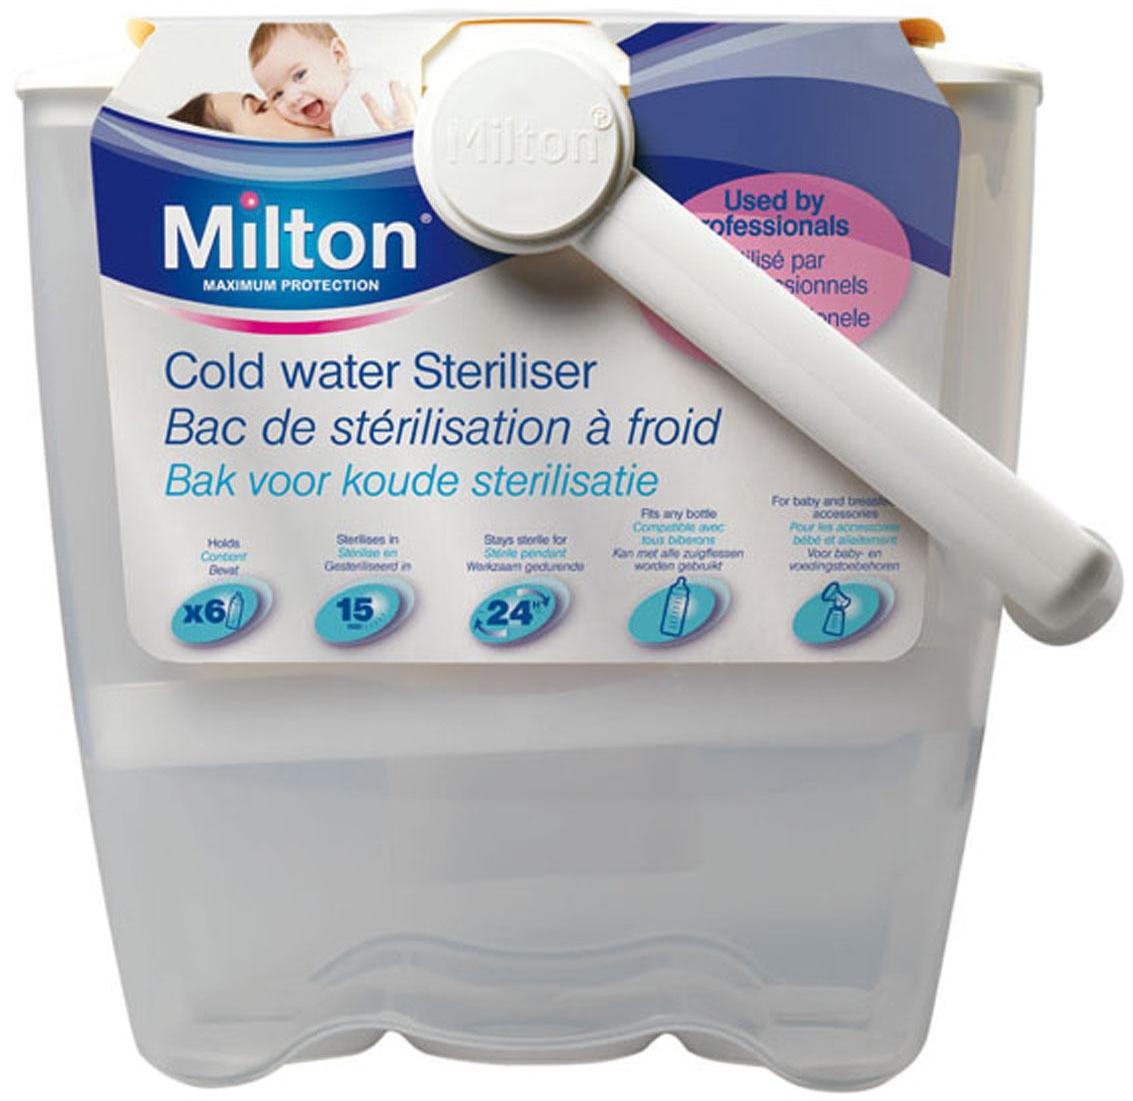 milton cold water steriliser baby toddler health care. Black Bedroom Furniture Sets. Home Design Ideas